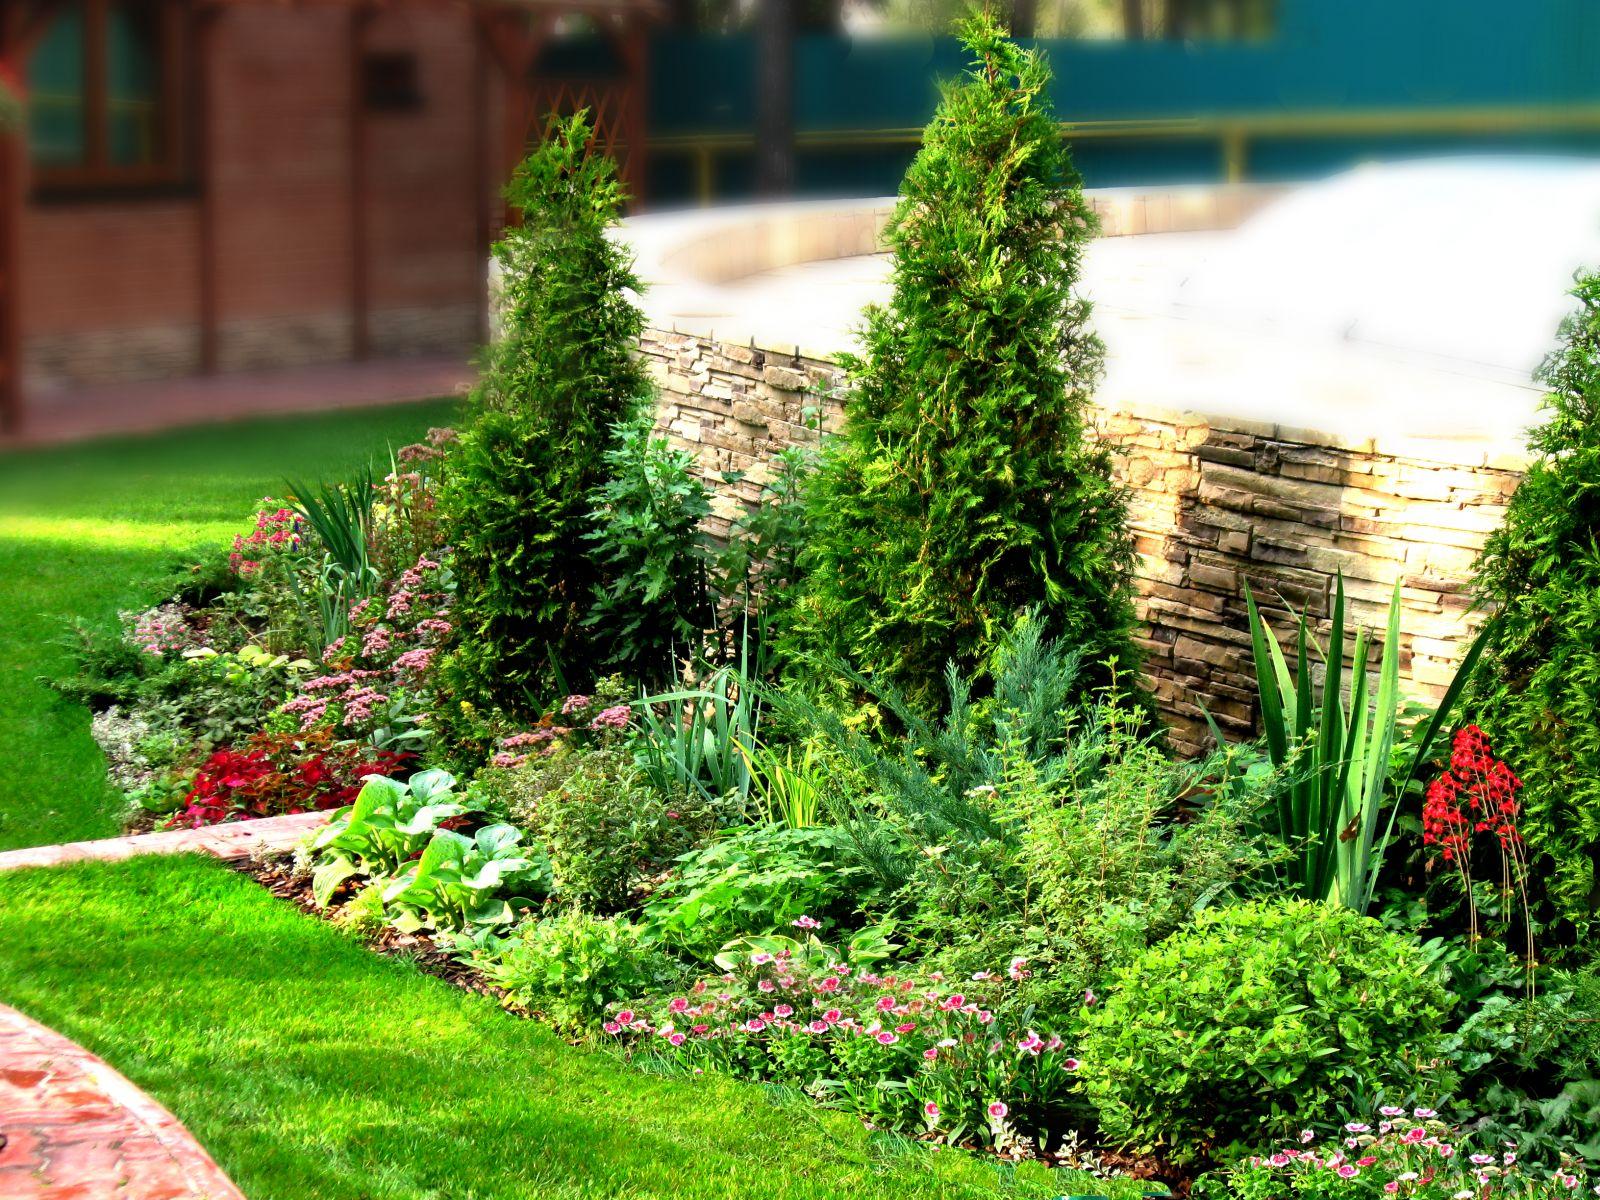 Озеленение — важный этап благоустройства